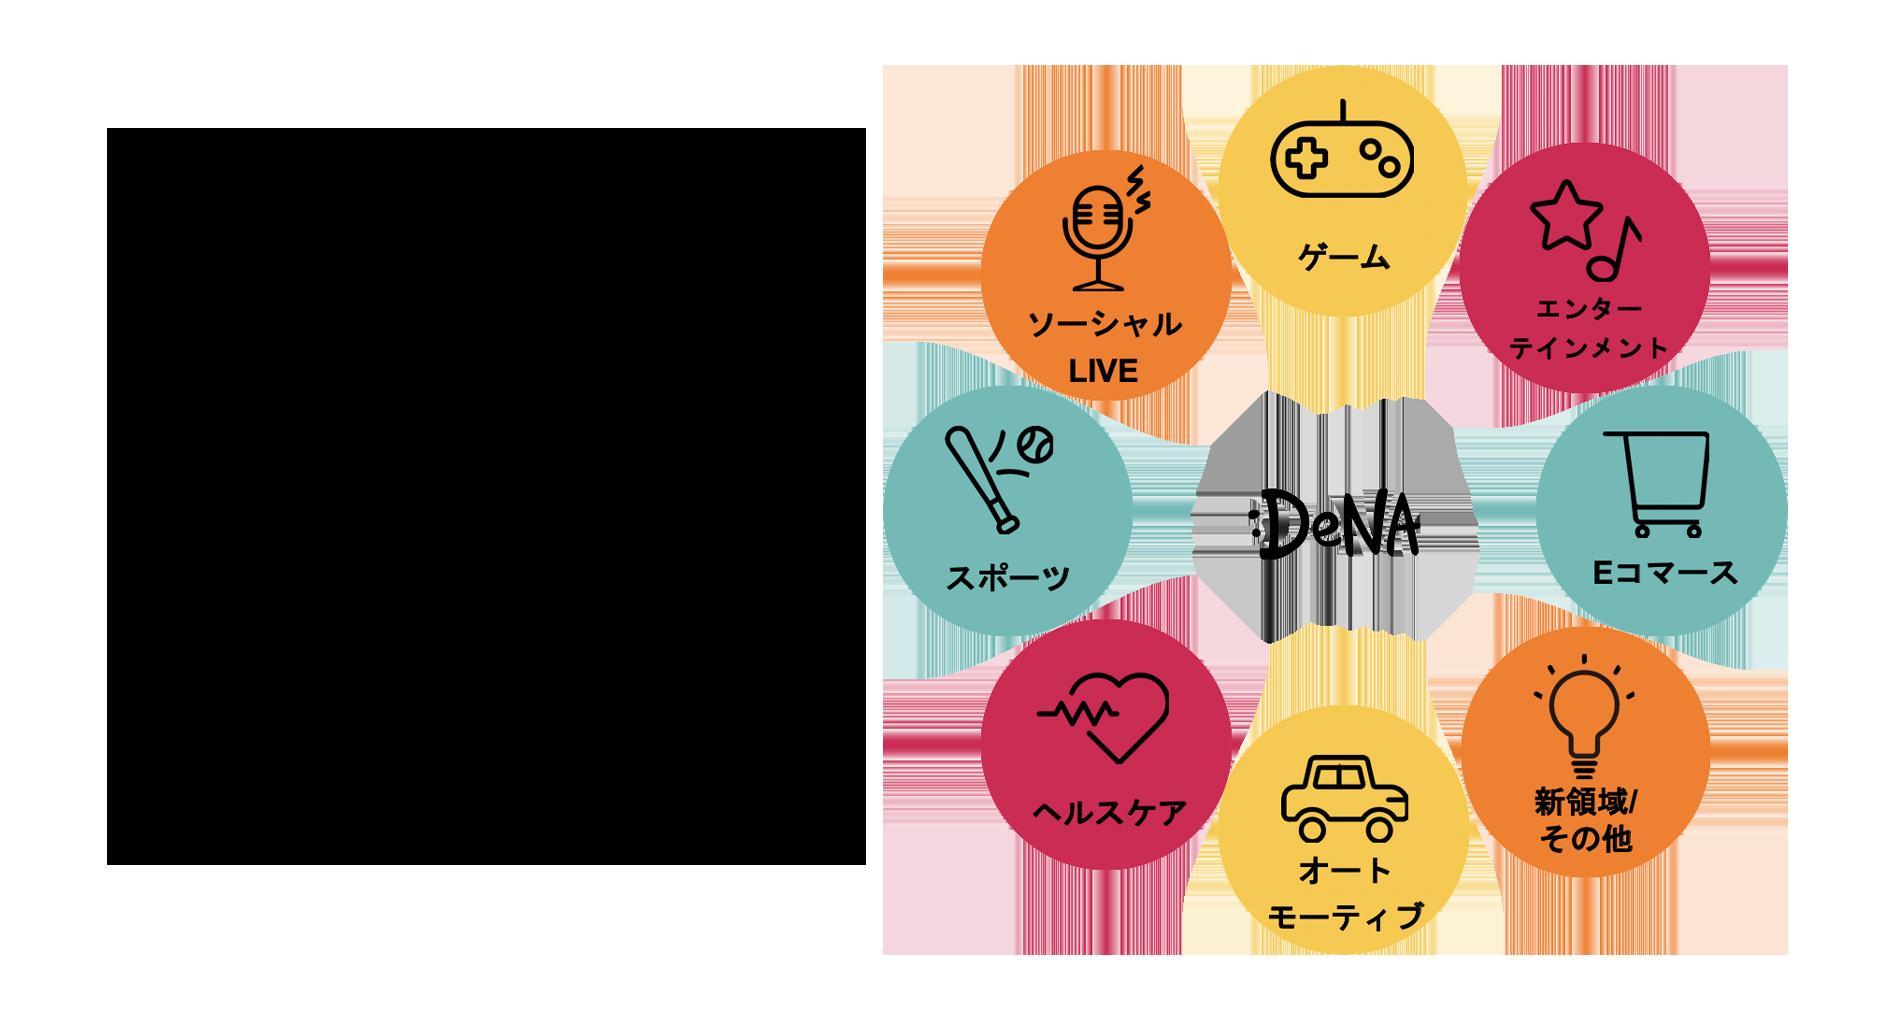 ディー・エヌ・エーのMISSION,VISION、事業領域